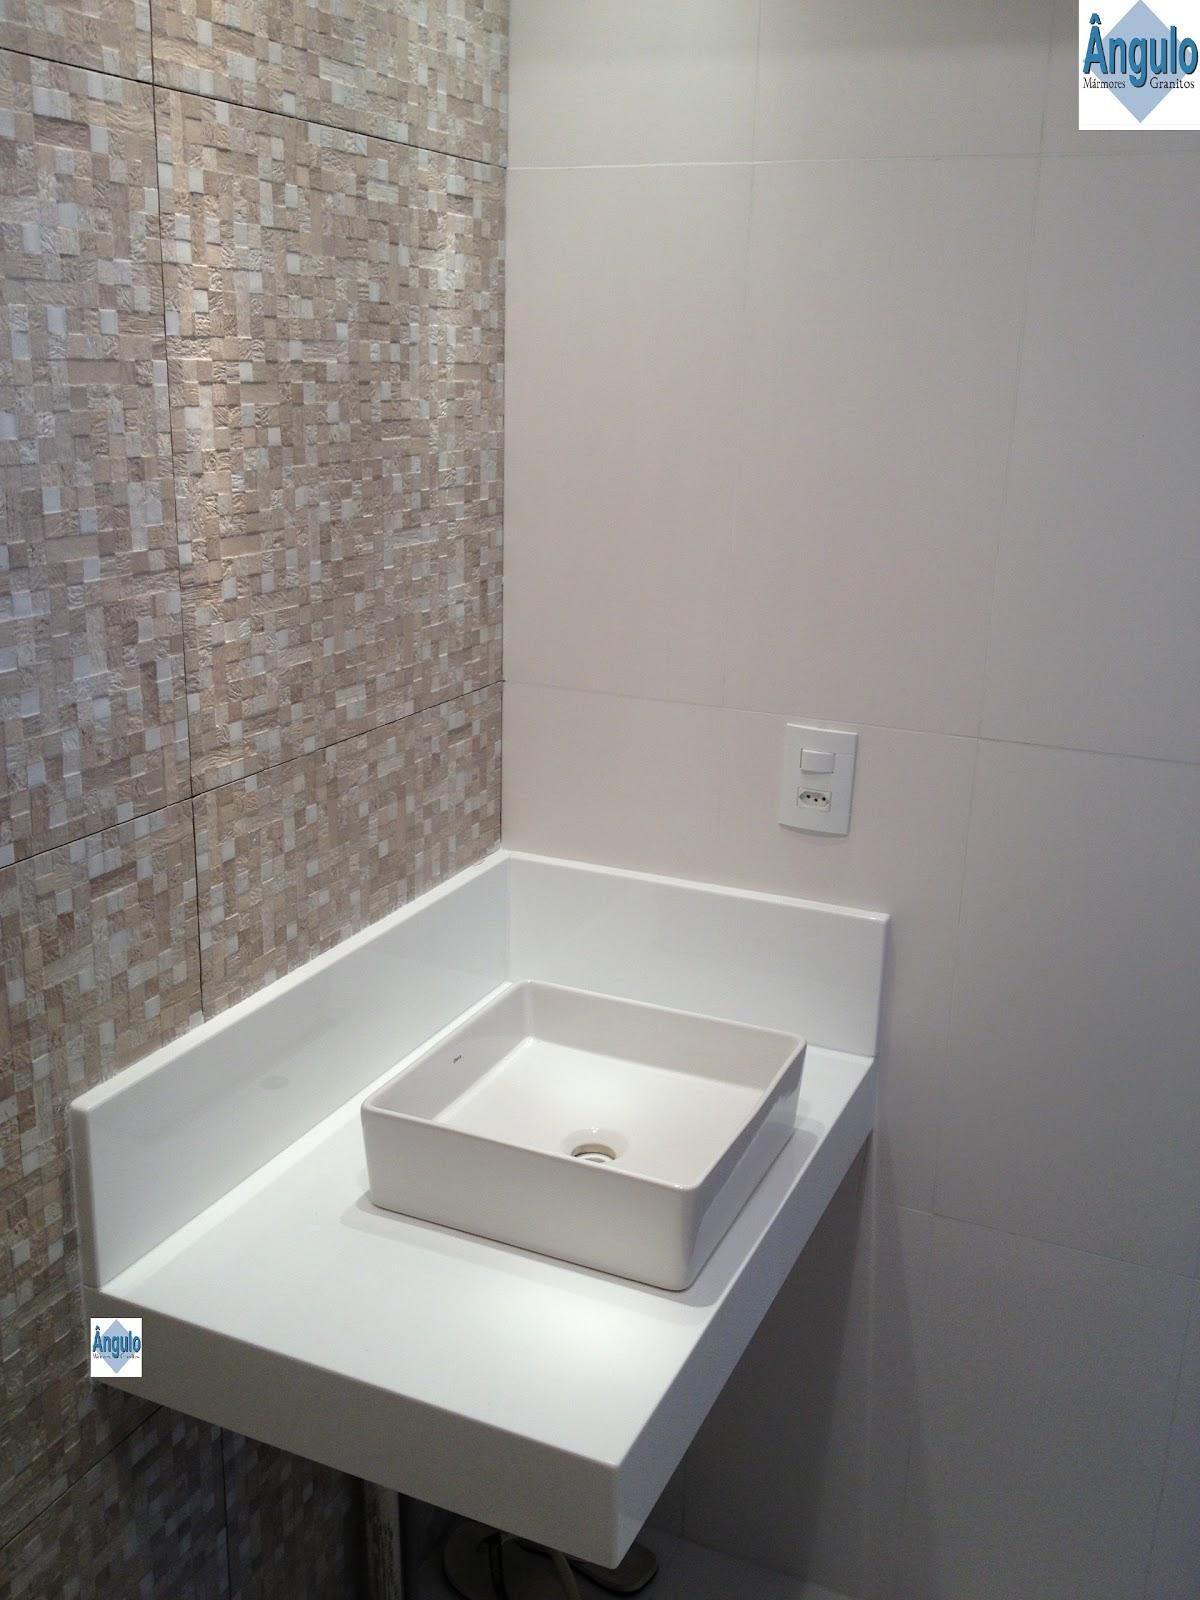 Ângulo Mármores e Granitos: Banheiros #4D667E 1200x1600 Bancada Banheiro De Vidro